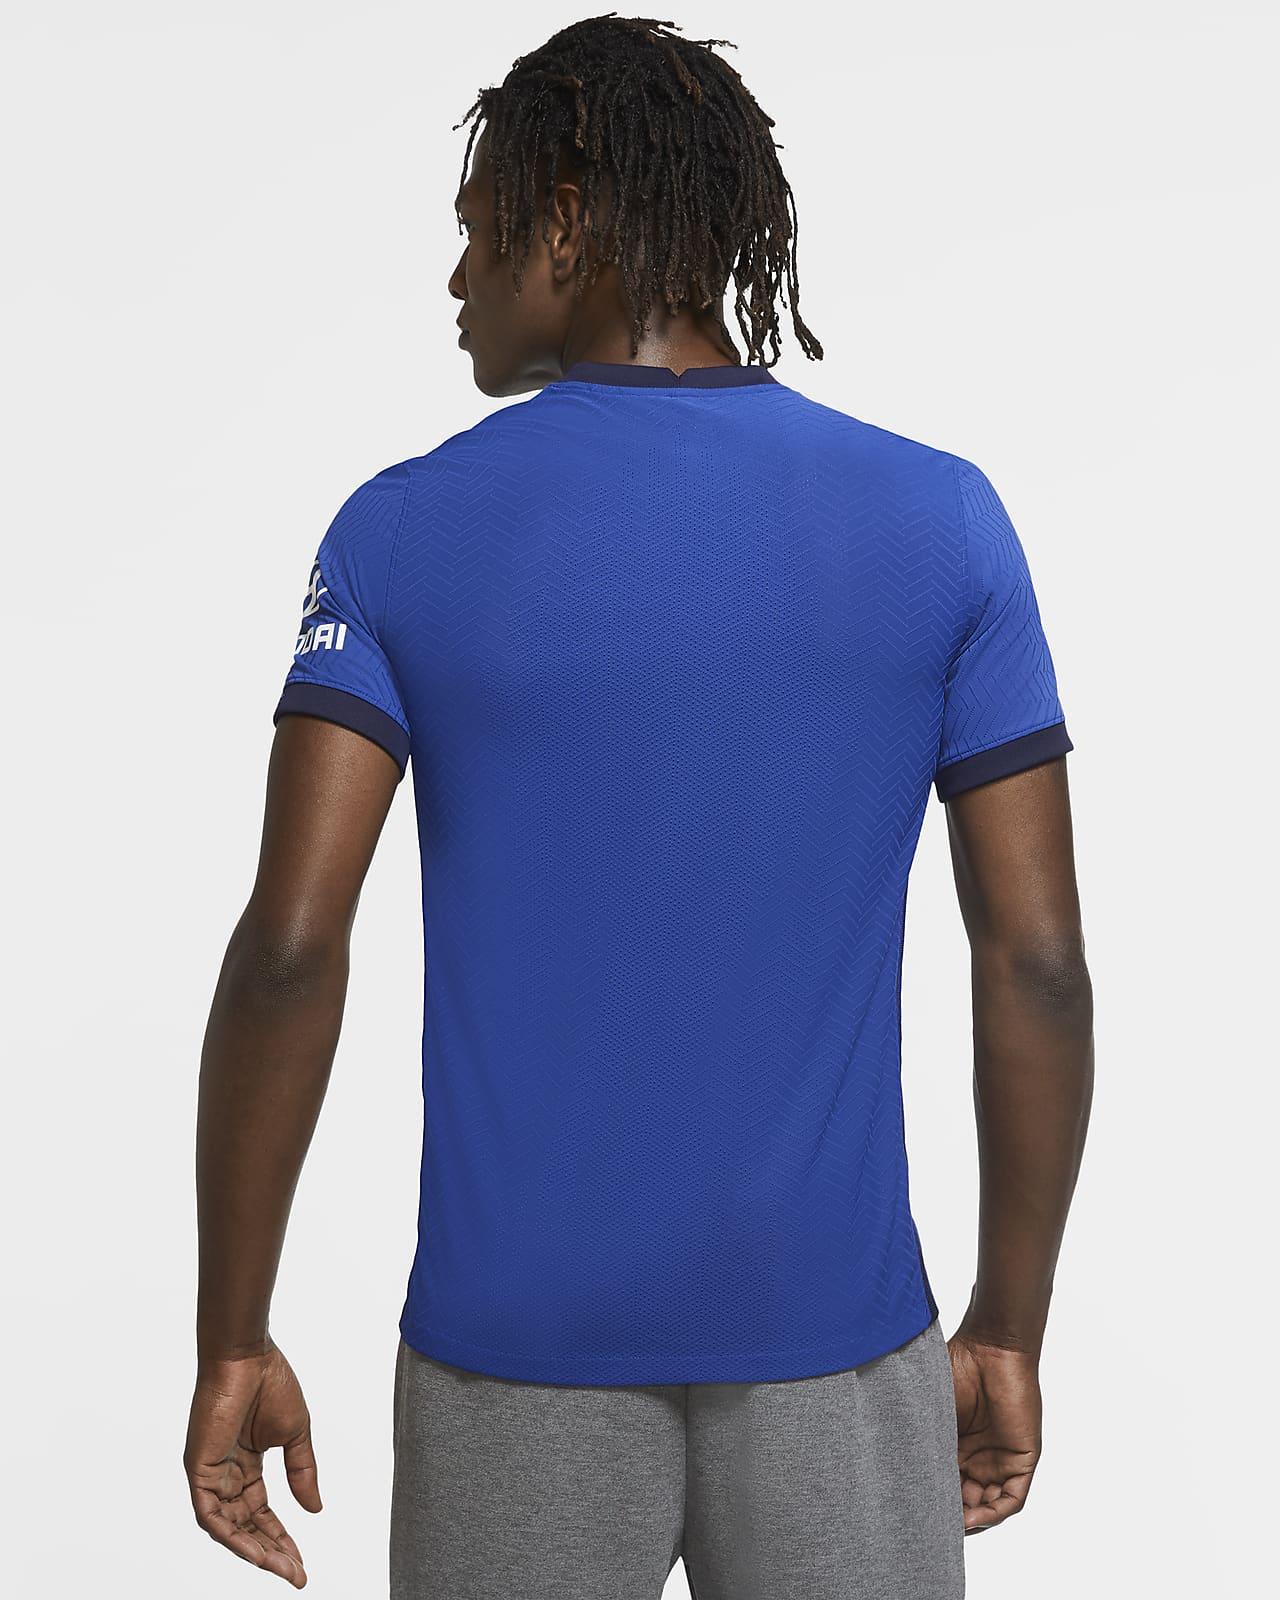 Chelsea F.C. 202021 Vapor Match Home Men's Football Shirt